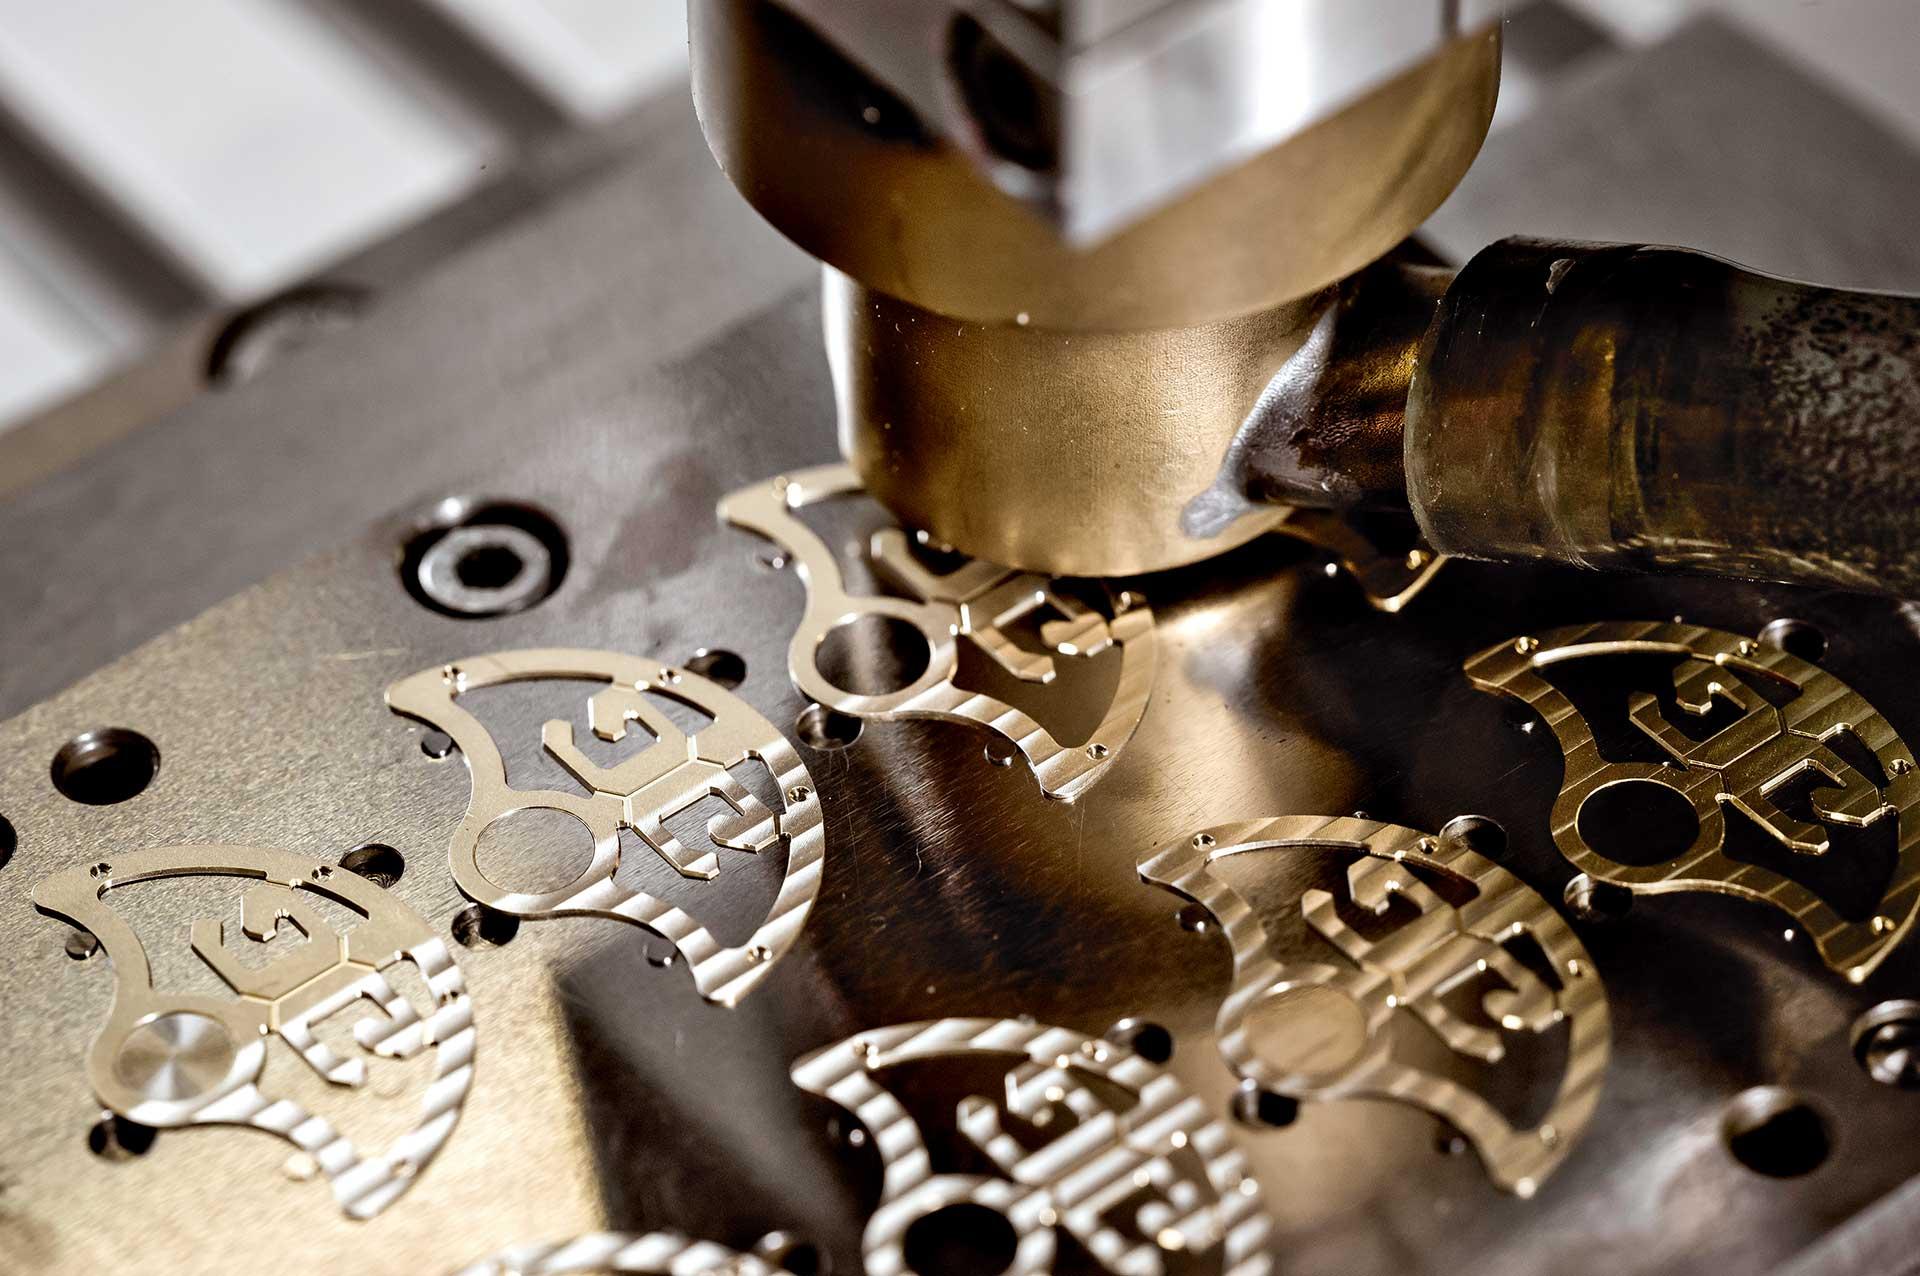 Der Rotor als Gestaltungselement: Bei Glashütte Original wird er mit dem skelettierten Logo und einem Zierschliff dekoriert.